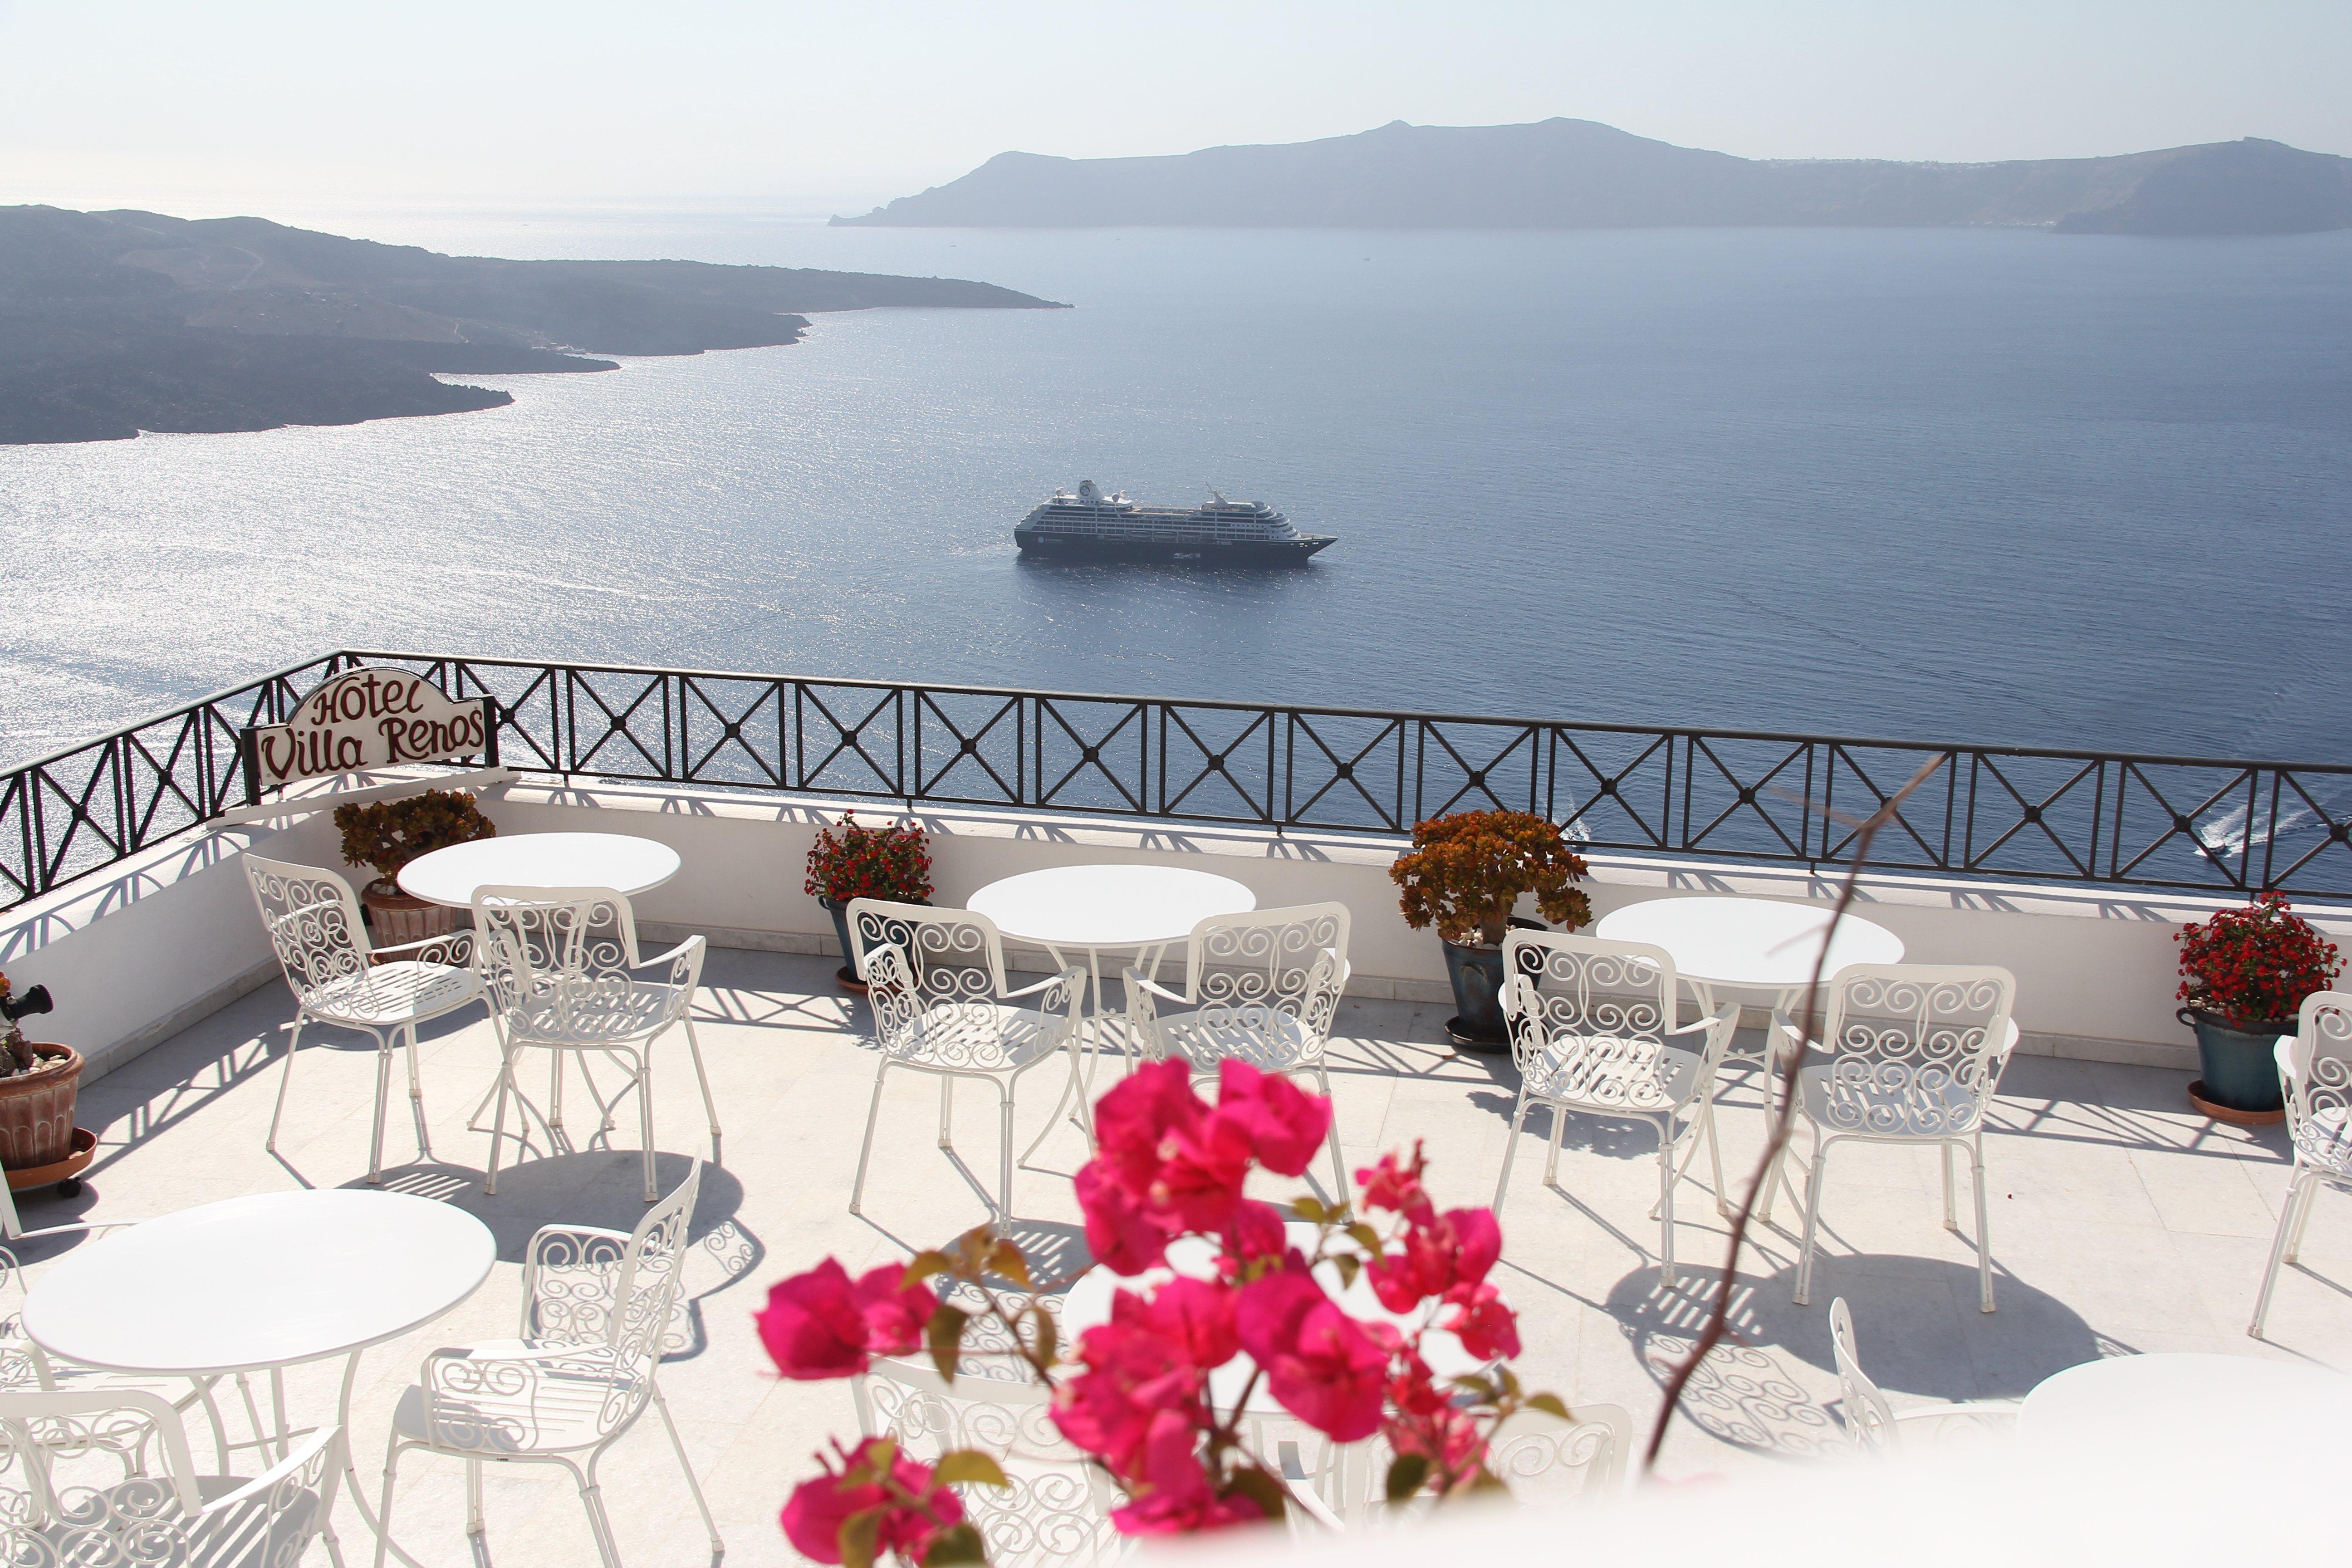 Azamara ship in Santorini, Greece